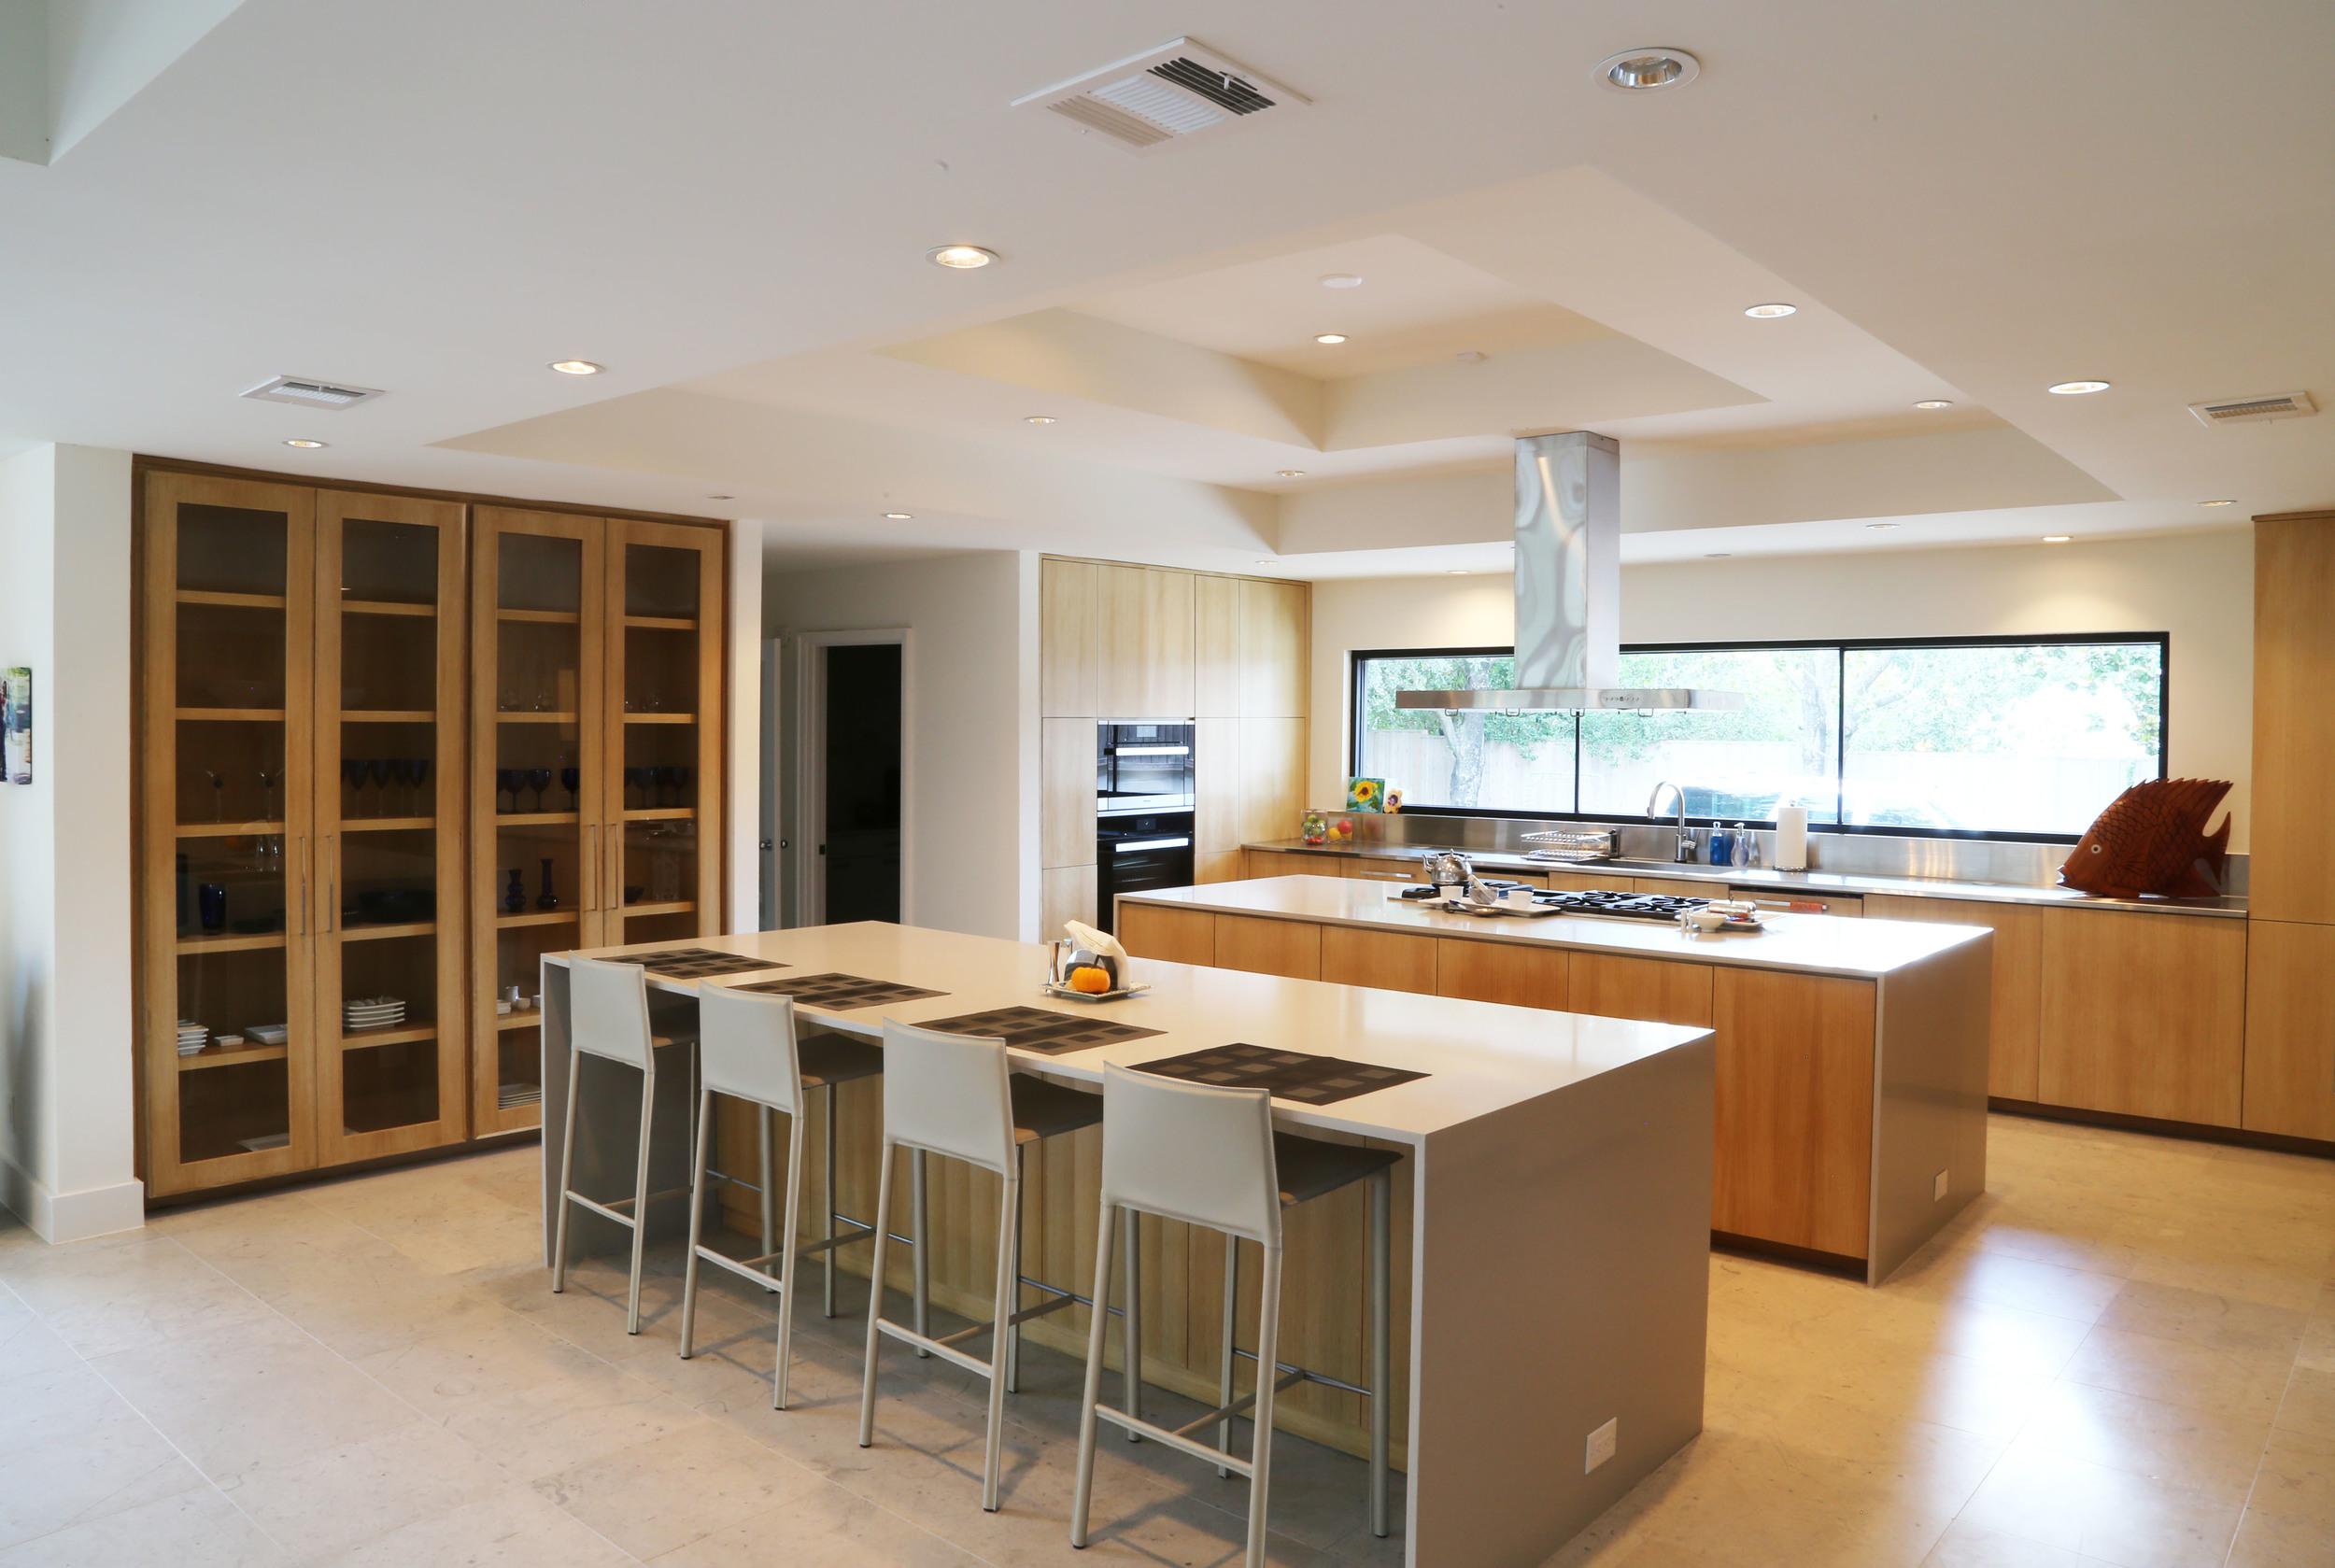 ND House Reno Kitchen 01.jpg